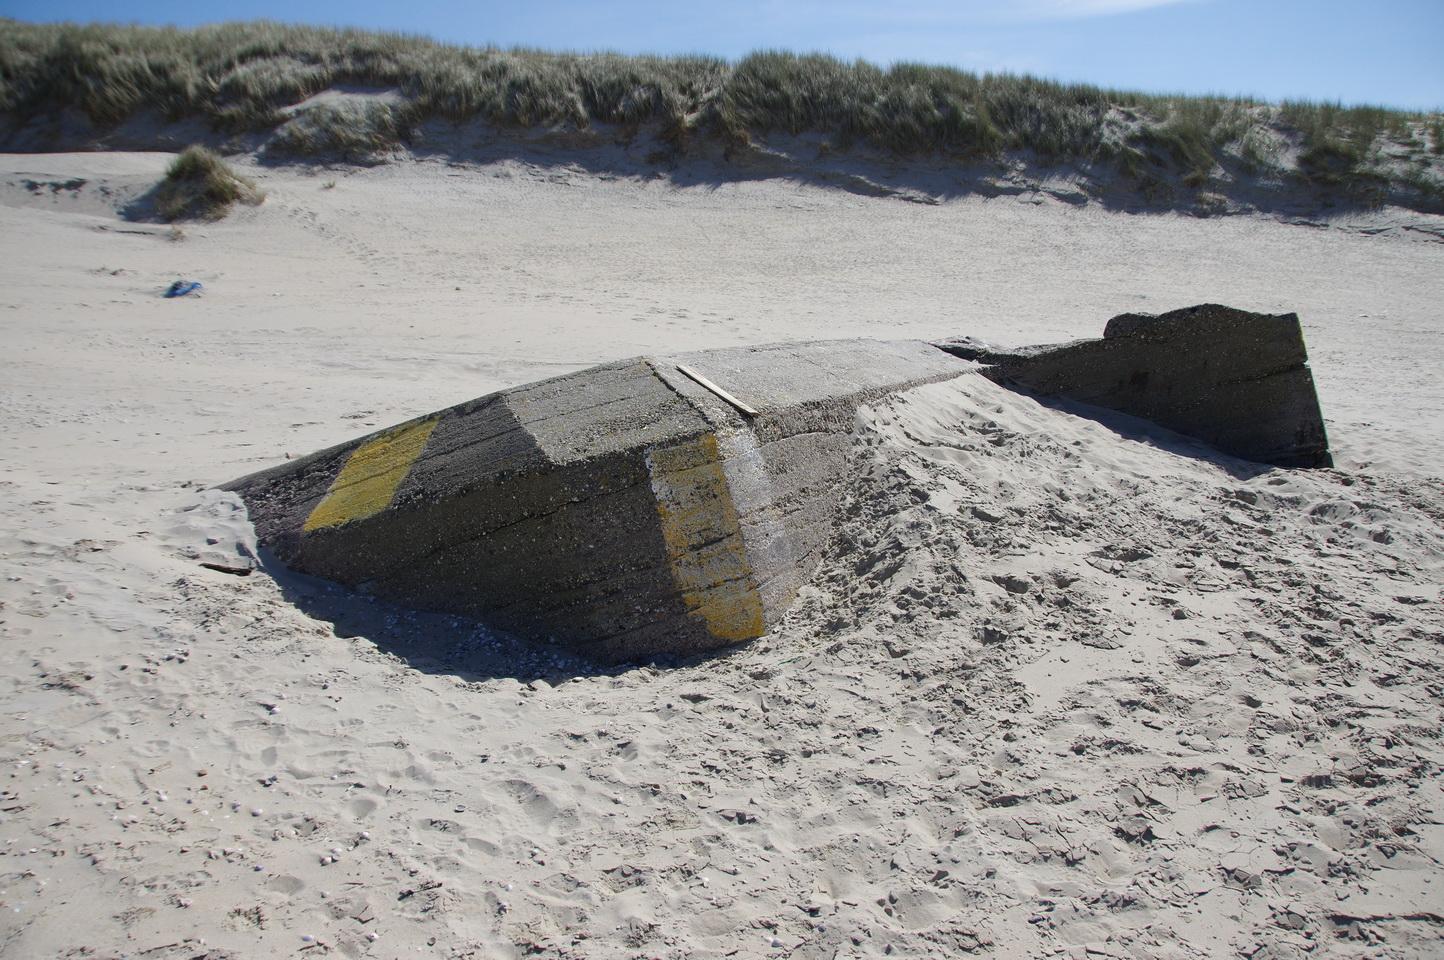 ... ein im Sand versunkener Bunker ...